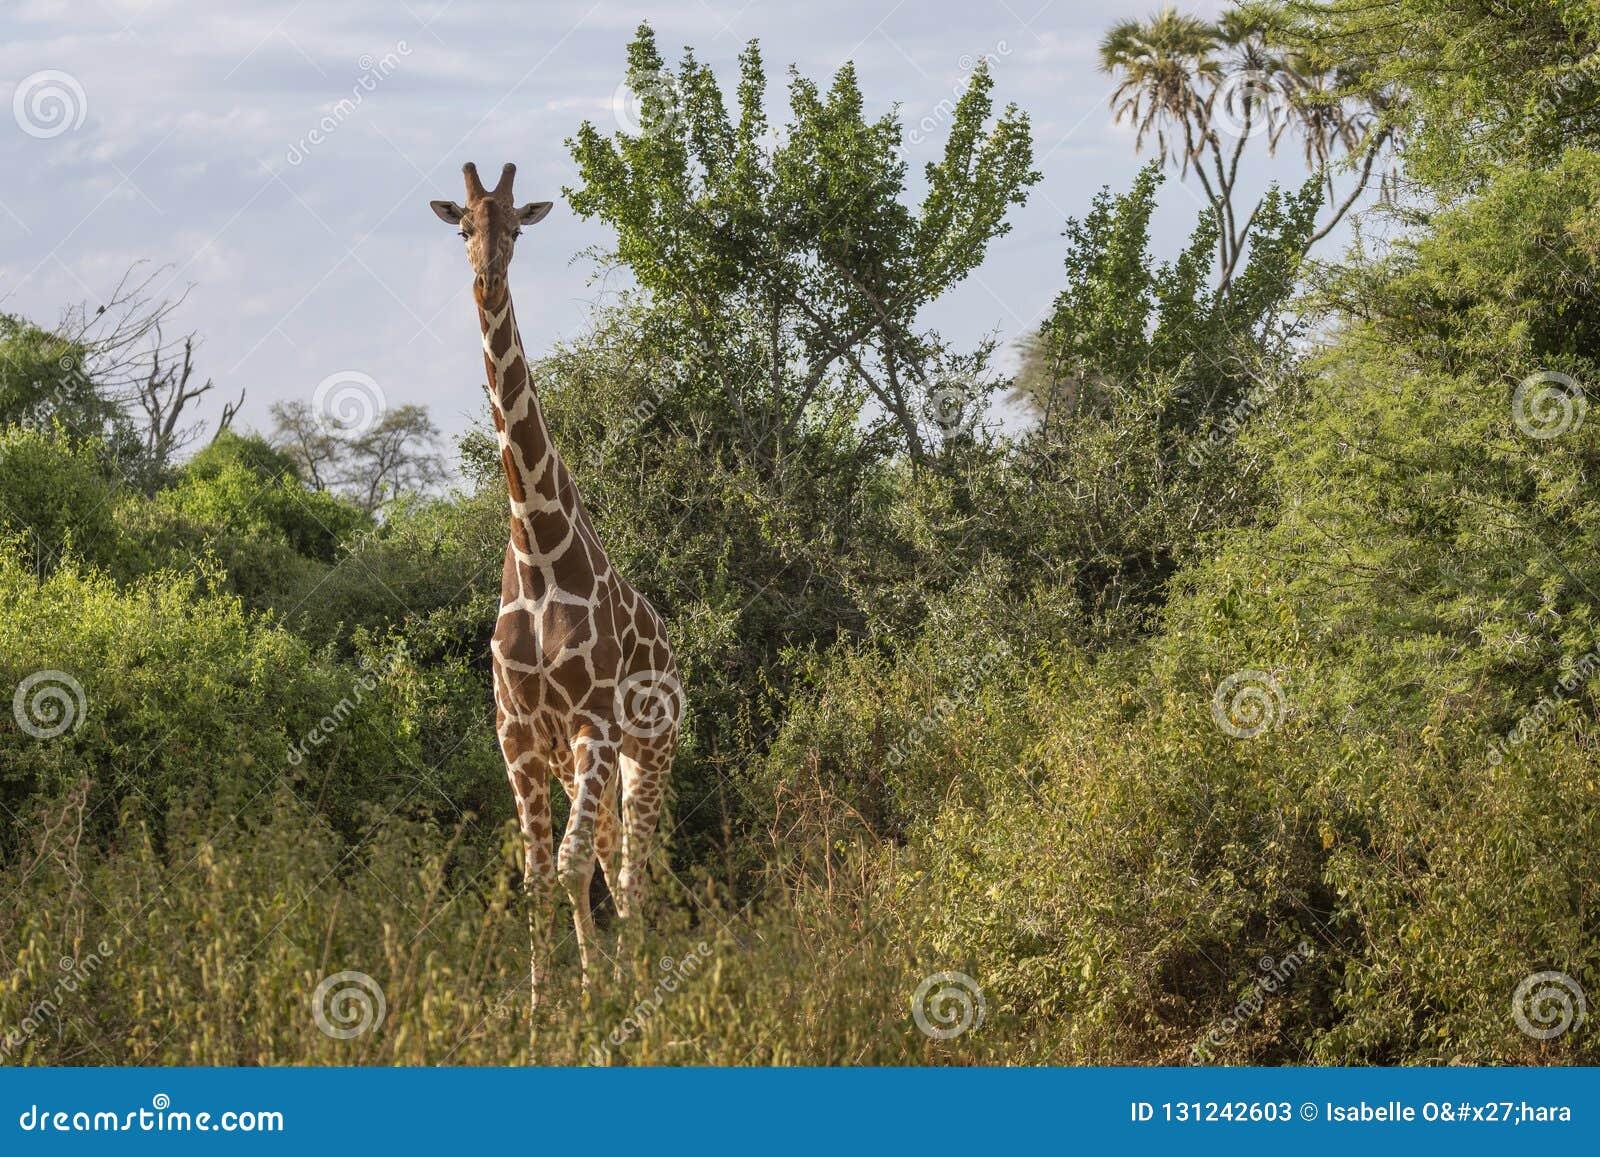 Portrait frontal de plein corps de girafe réticulée, camelopardalis de Giraffa reticulate, dans le paysage du nord du Kenya